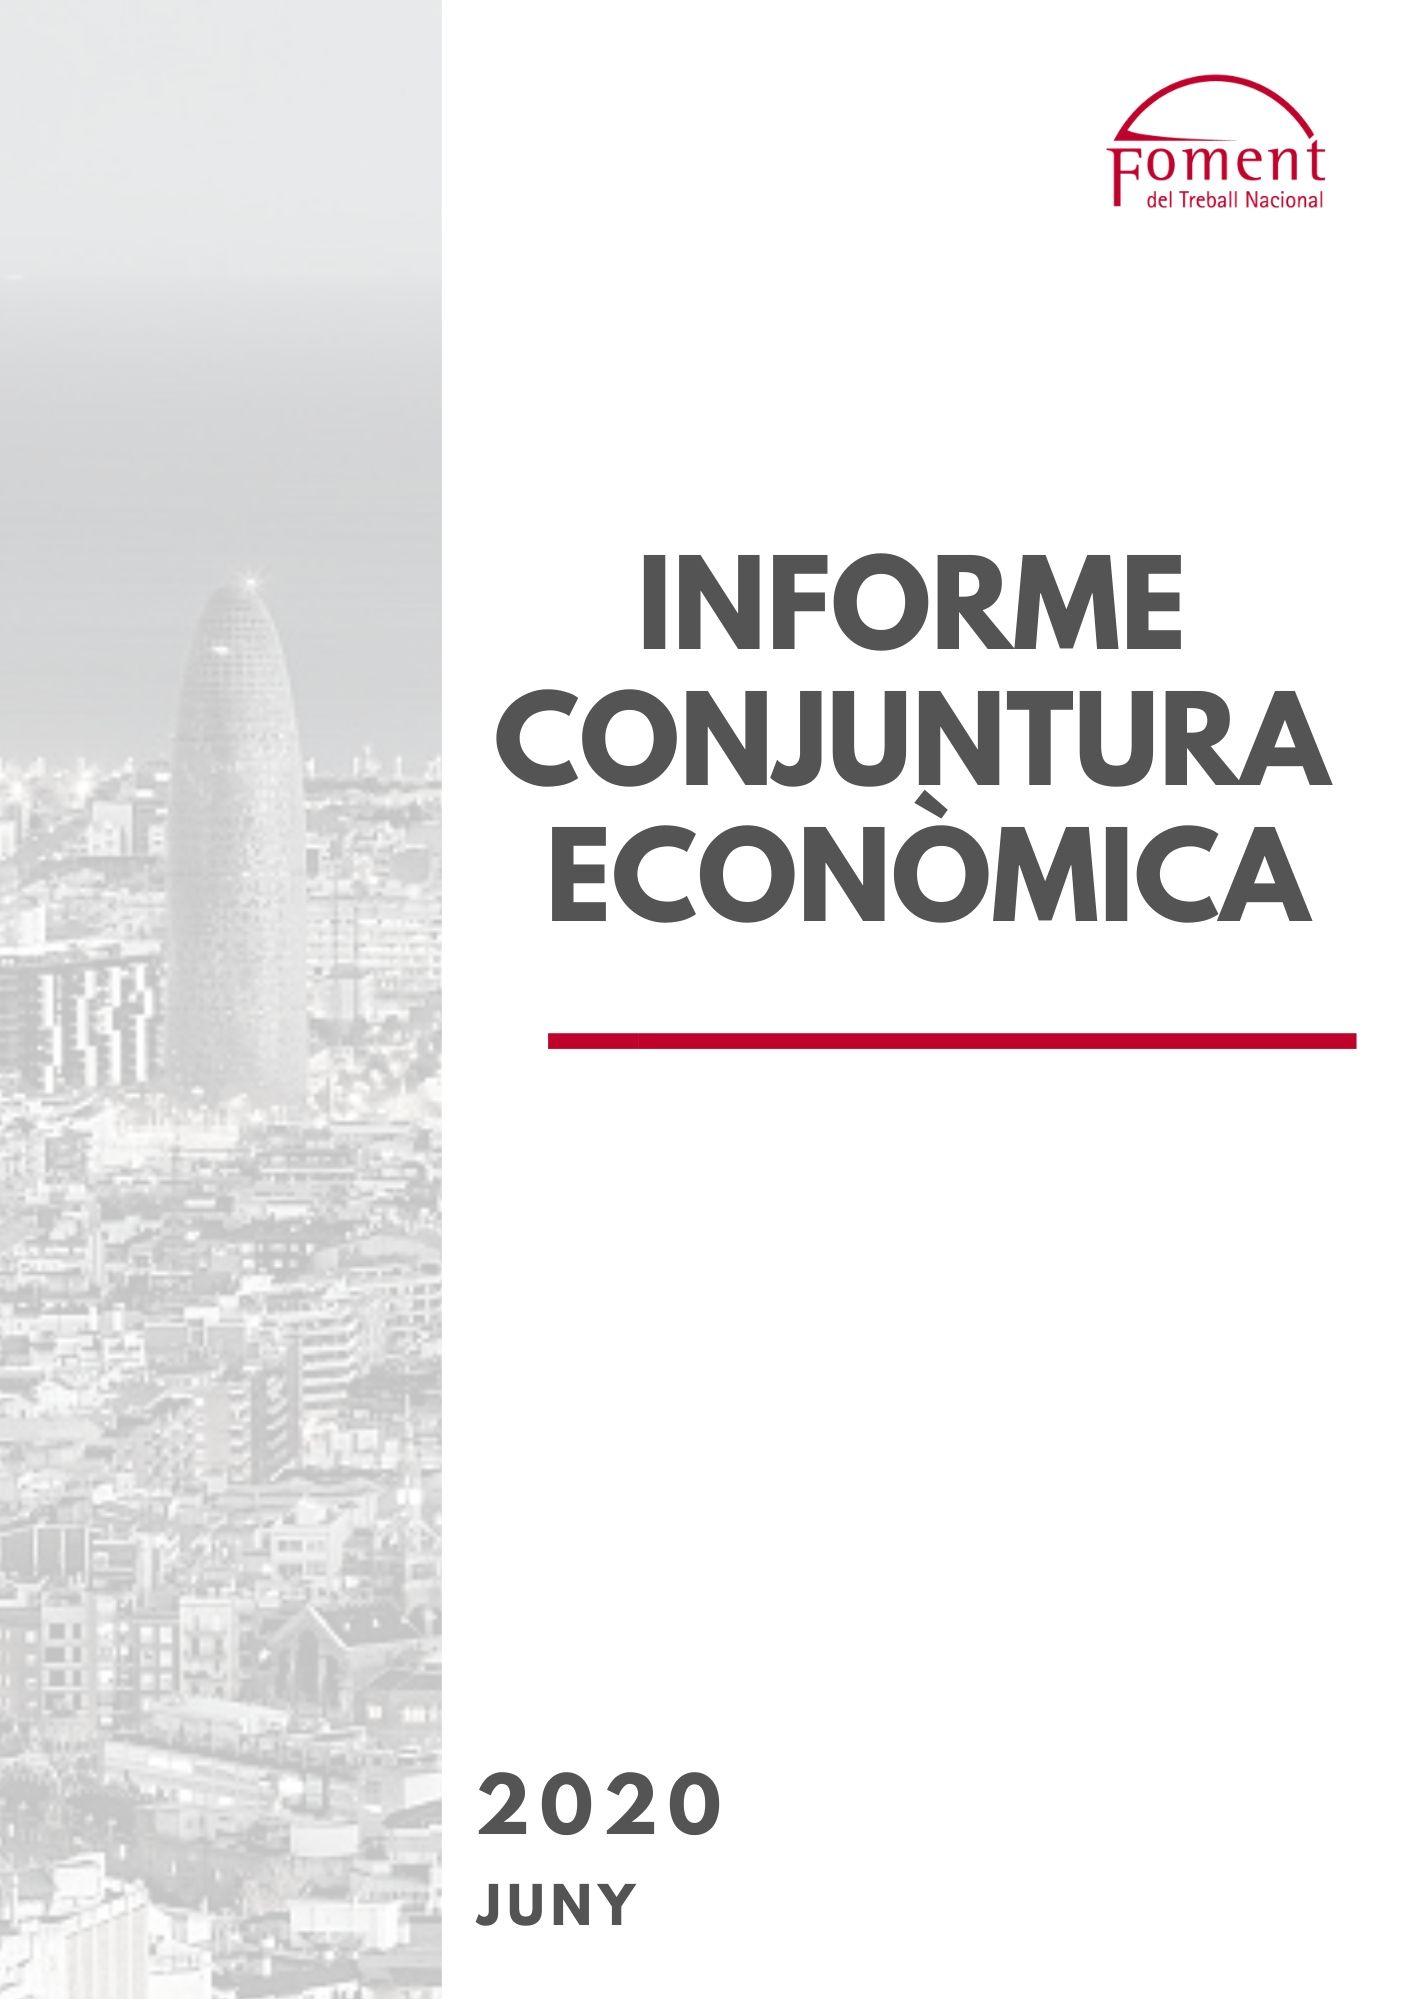 Informe de Conjuntura Econòmica- Juny 2020